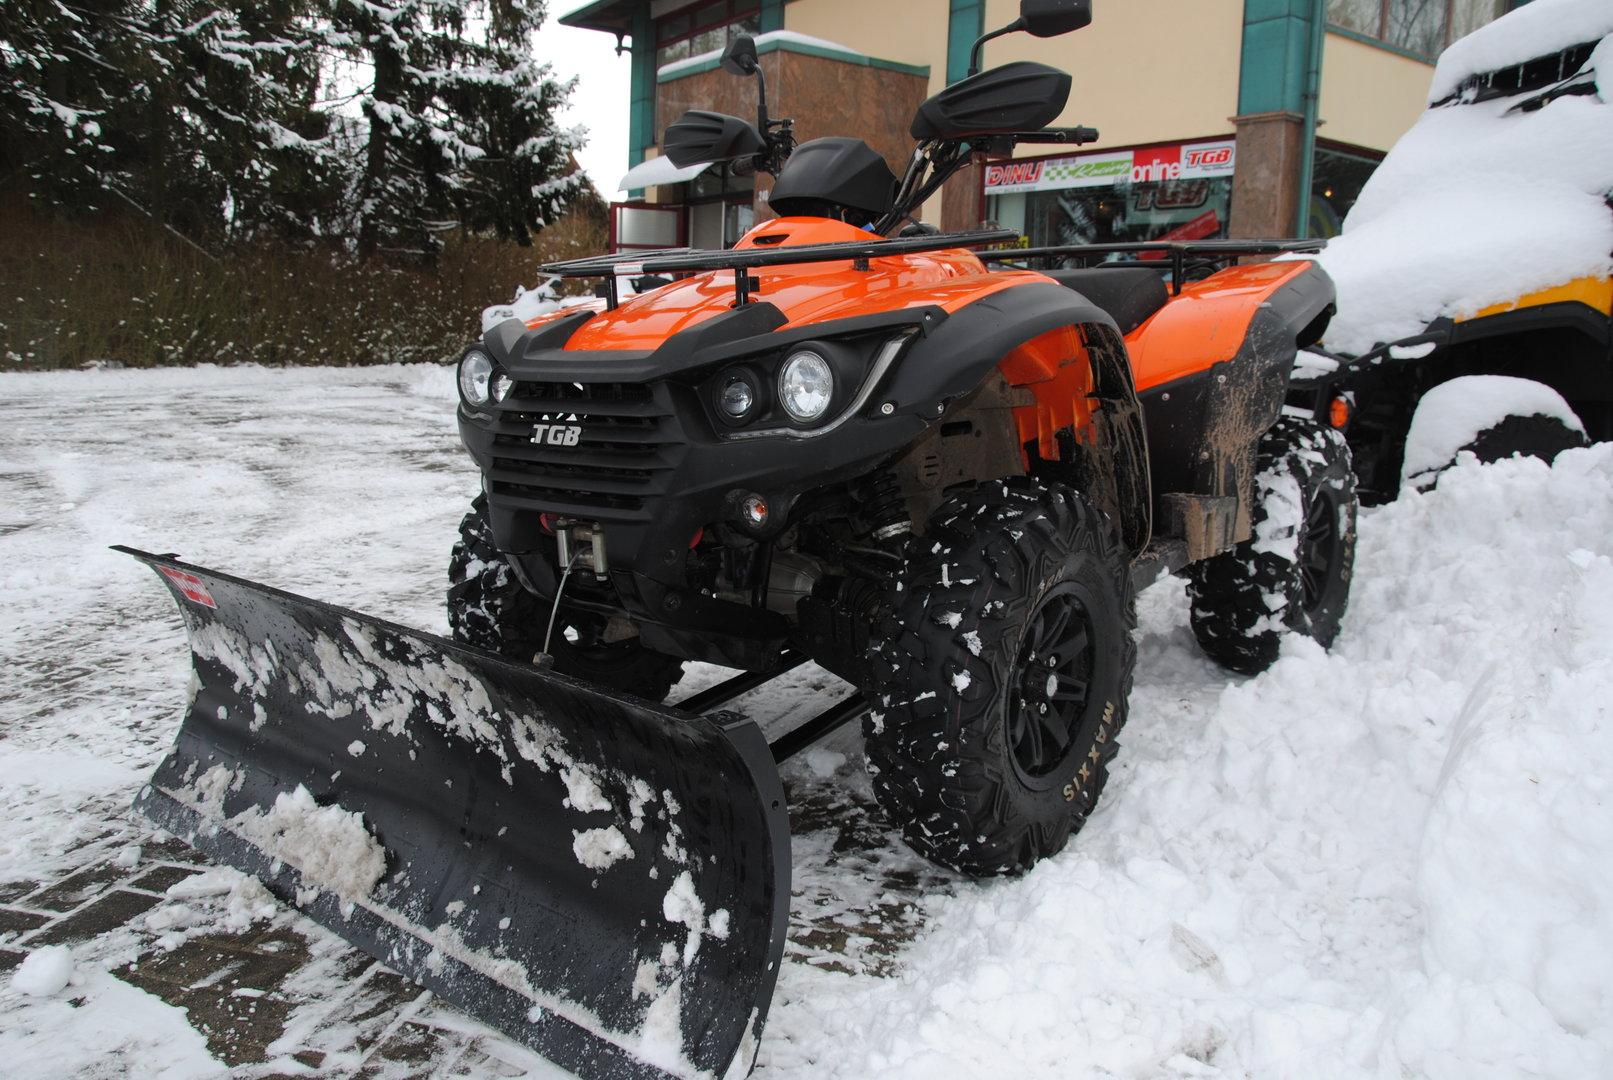 Atemberaubend Räum- und Winterdienst ATV - ATVs - mieten, kaufen & Service @GN_06